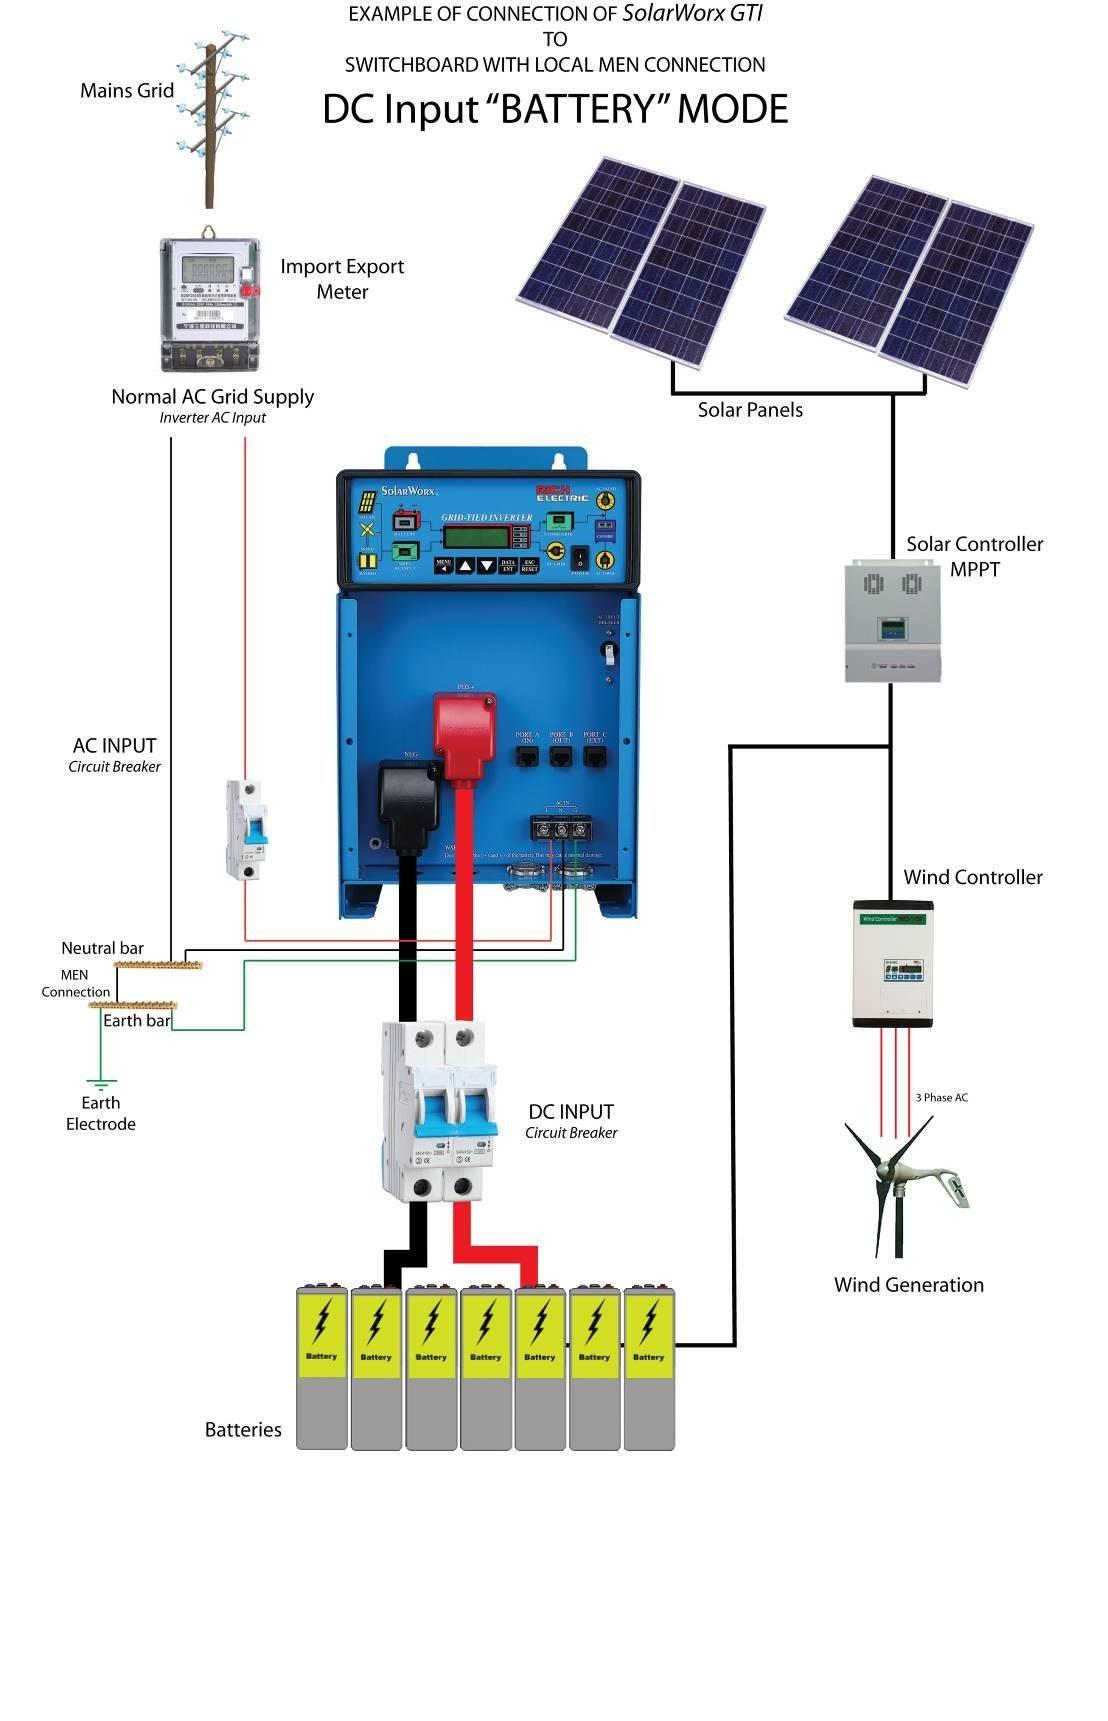 Гибридный инвертор для солнечных батарей: что это, как работает и зачем нужен